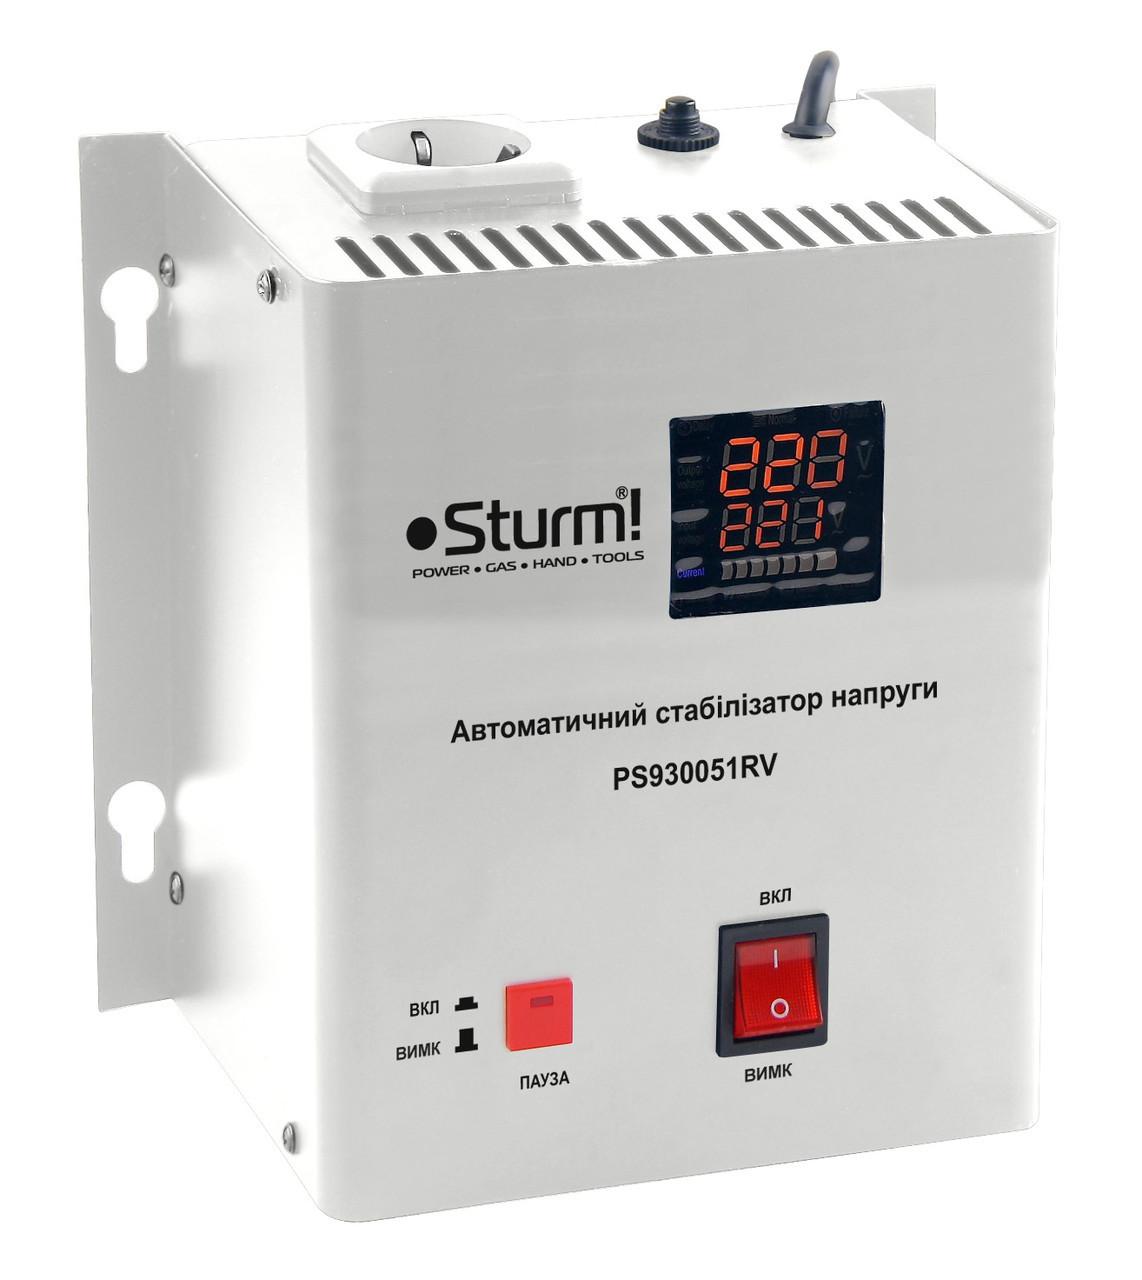 Стабилизатор напряжения релейный 500 ВA настен. Sturm PS930051RV